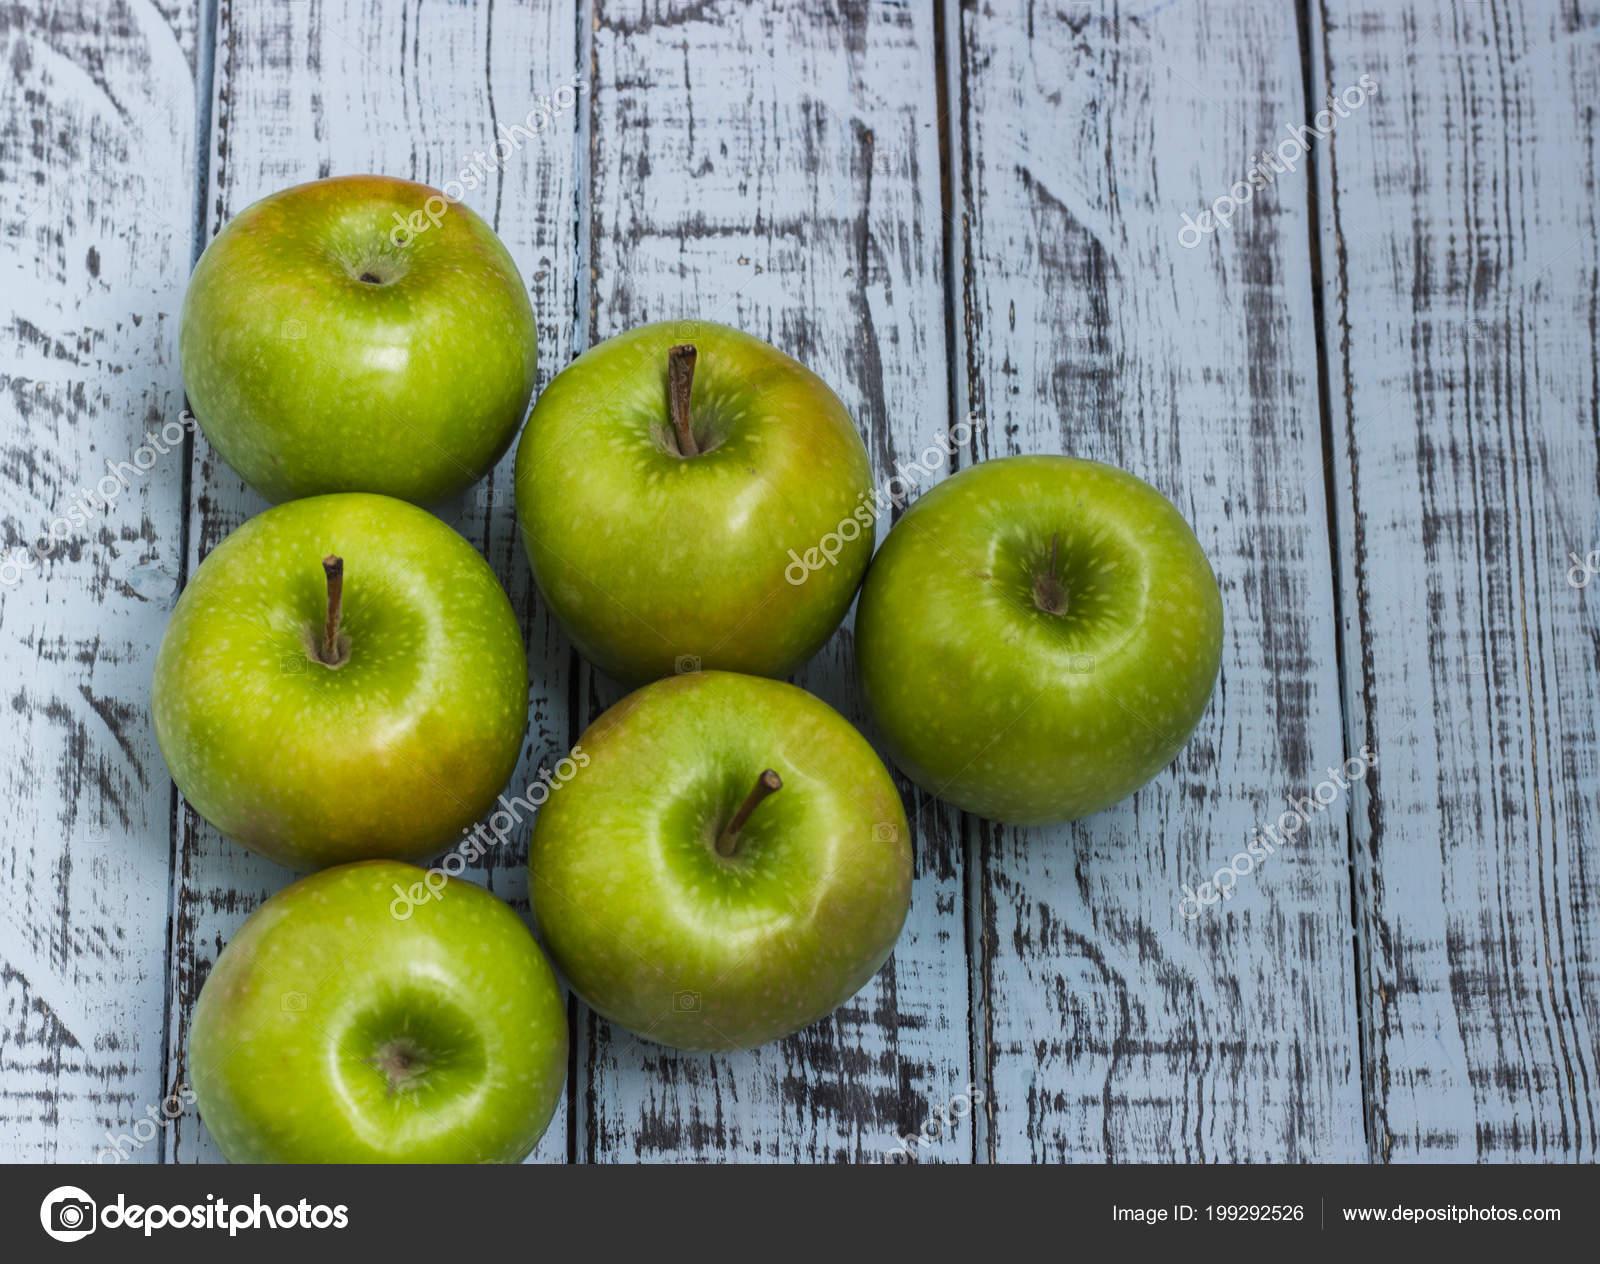 Диета на яблоках, диеты для похудения на зеленых яблоках.